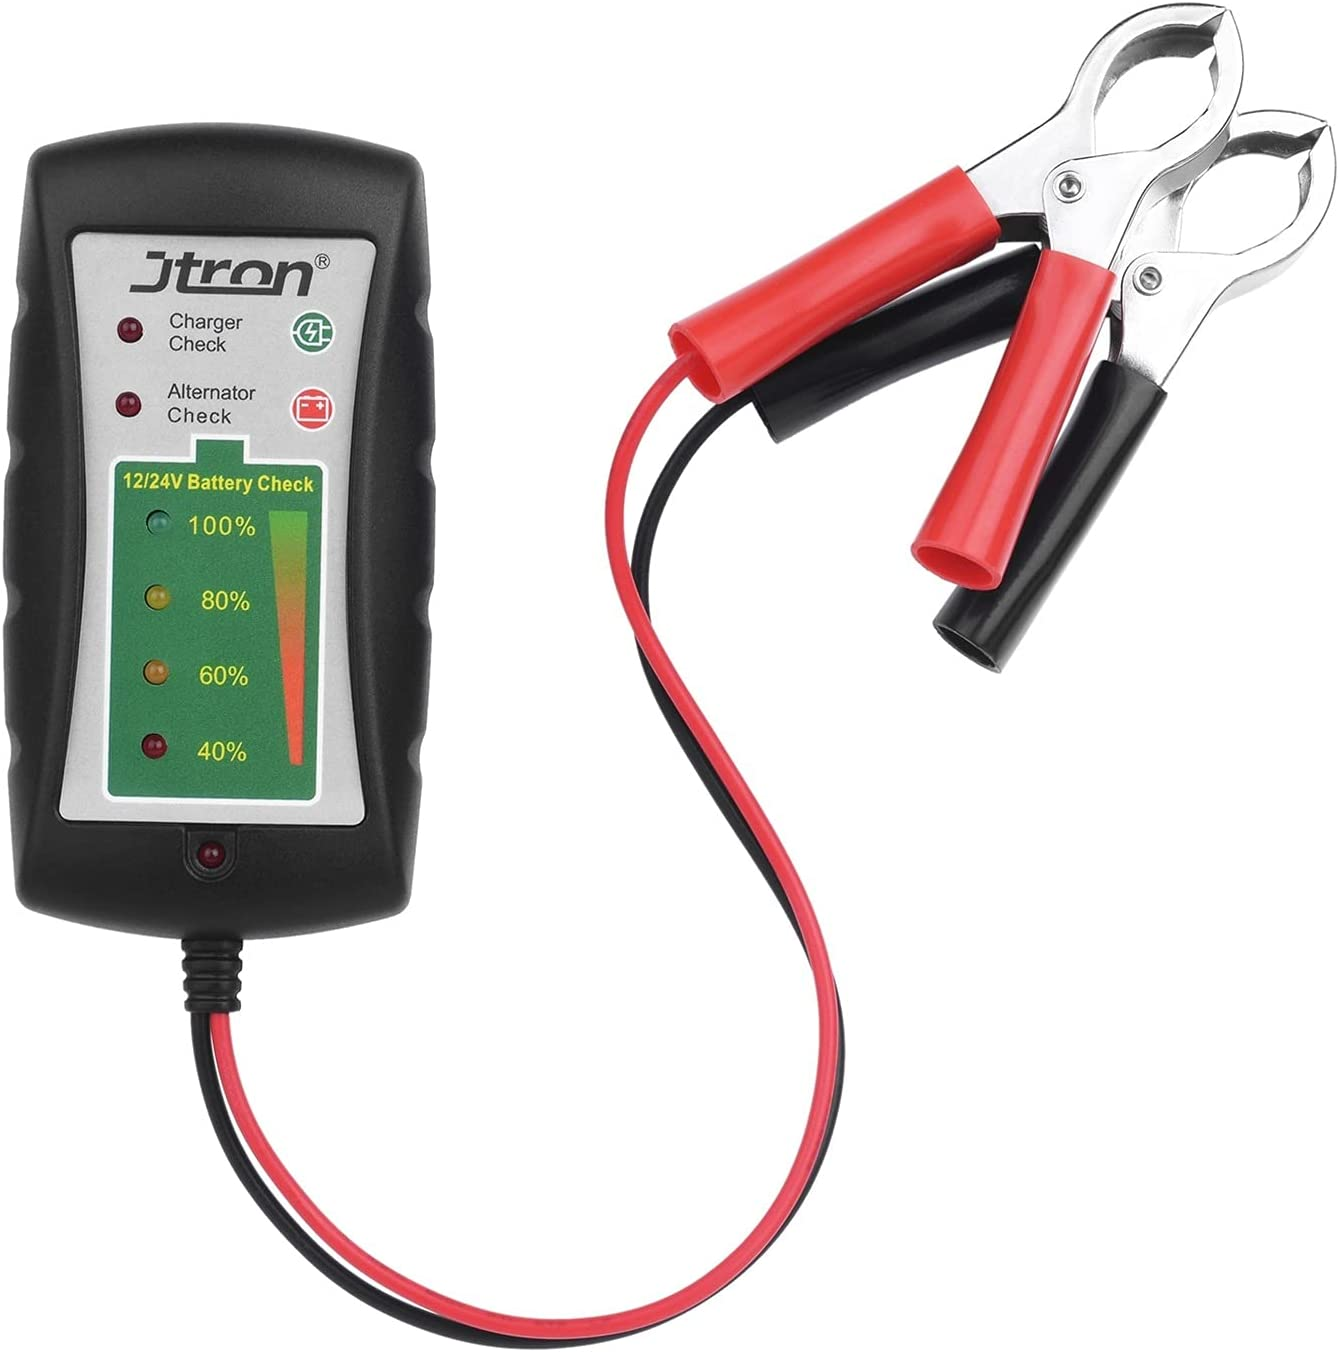 LIUXIAOKE Probador de batería 12V / 24V LED Muestra alternador Check Charger Check for Cars Motorcycles Trucks Battery Check